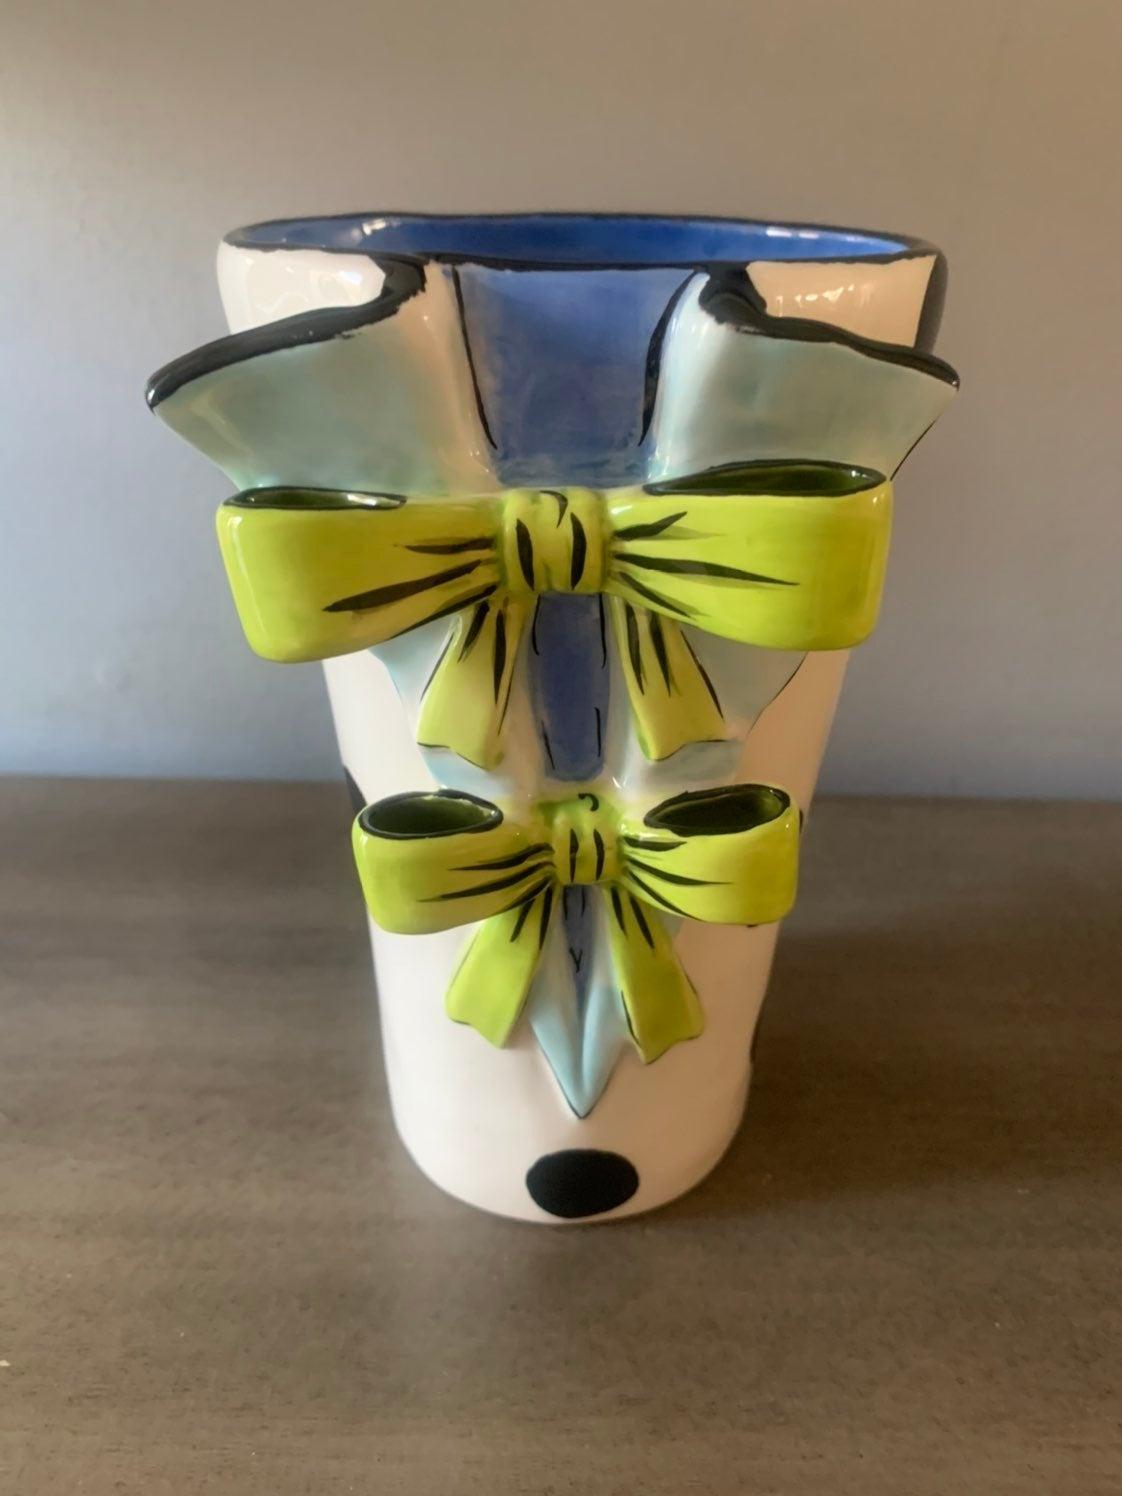 Brighton Ceramic Vase Bows and Polka Dot